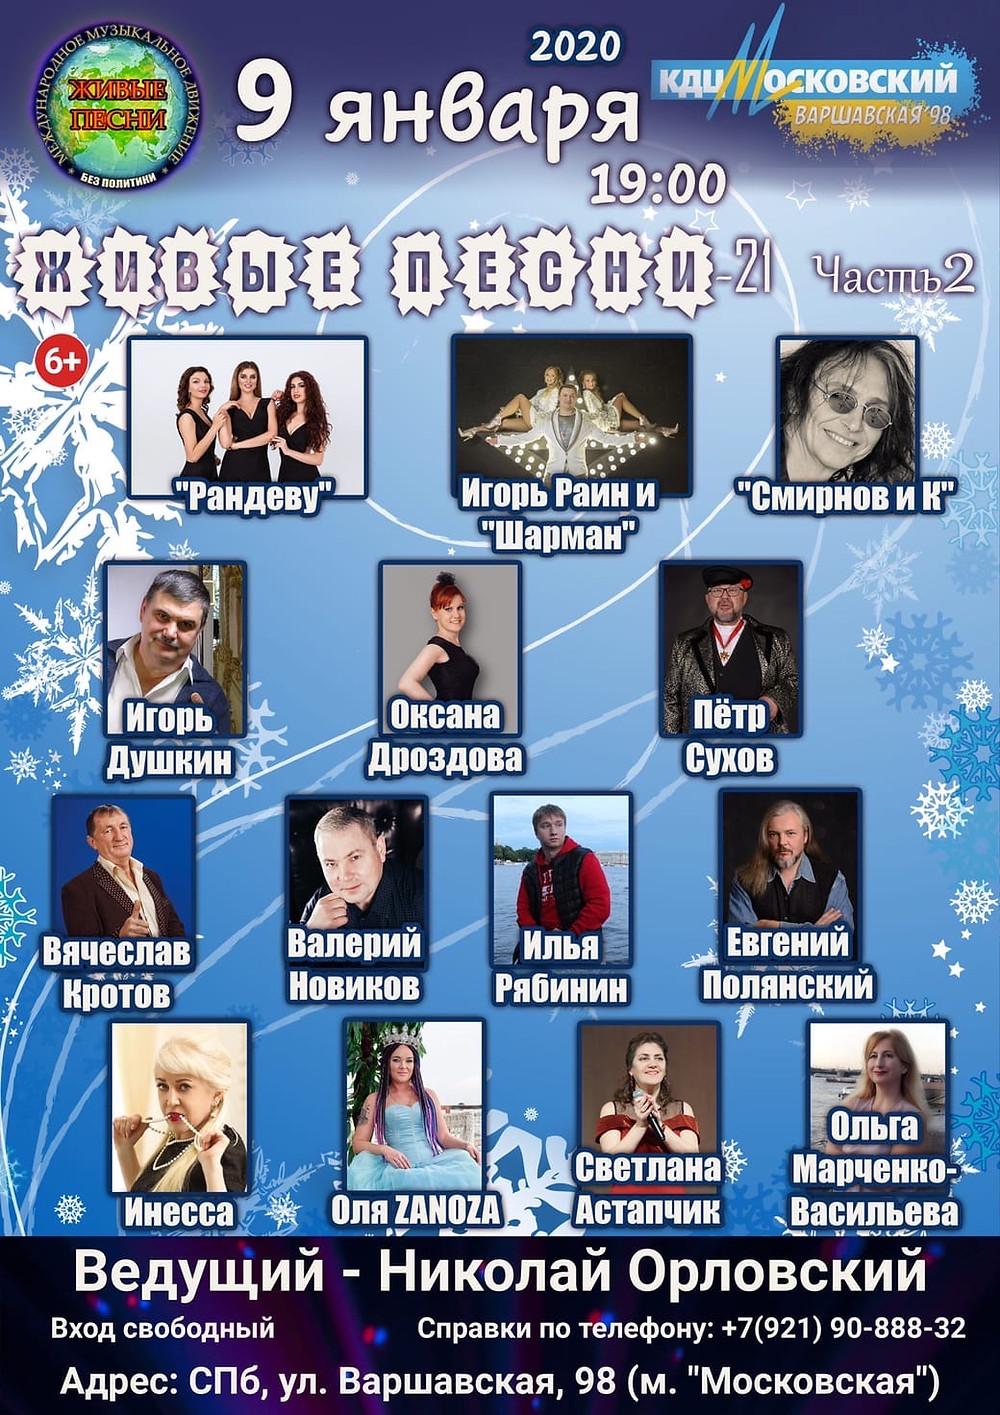 Инесса - Живые песни - 21, часть 2, 9 января 2010 года